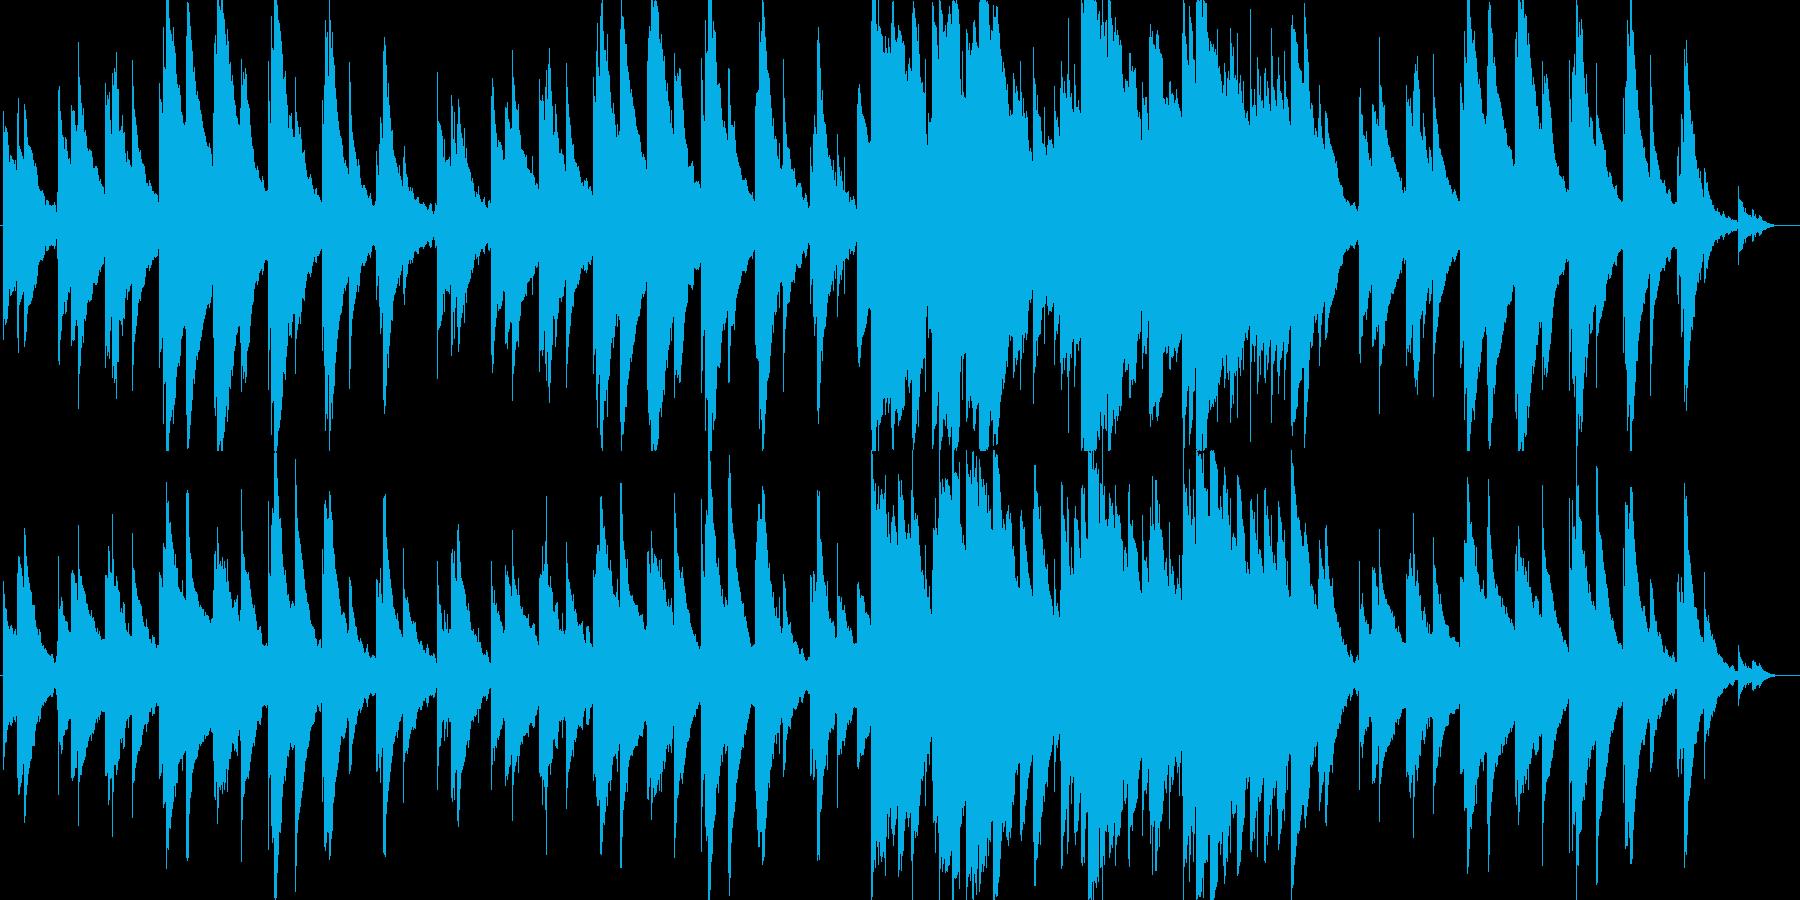 雪深い森の夜をイメージした楽曲です。頼…の再生済みの波形